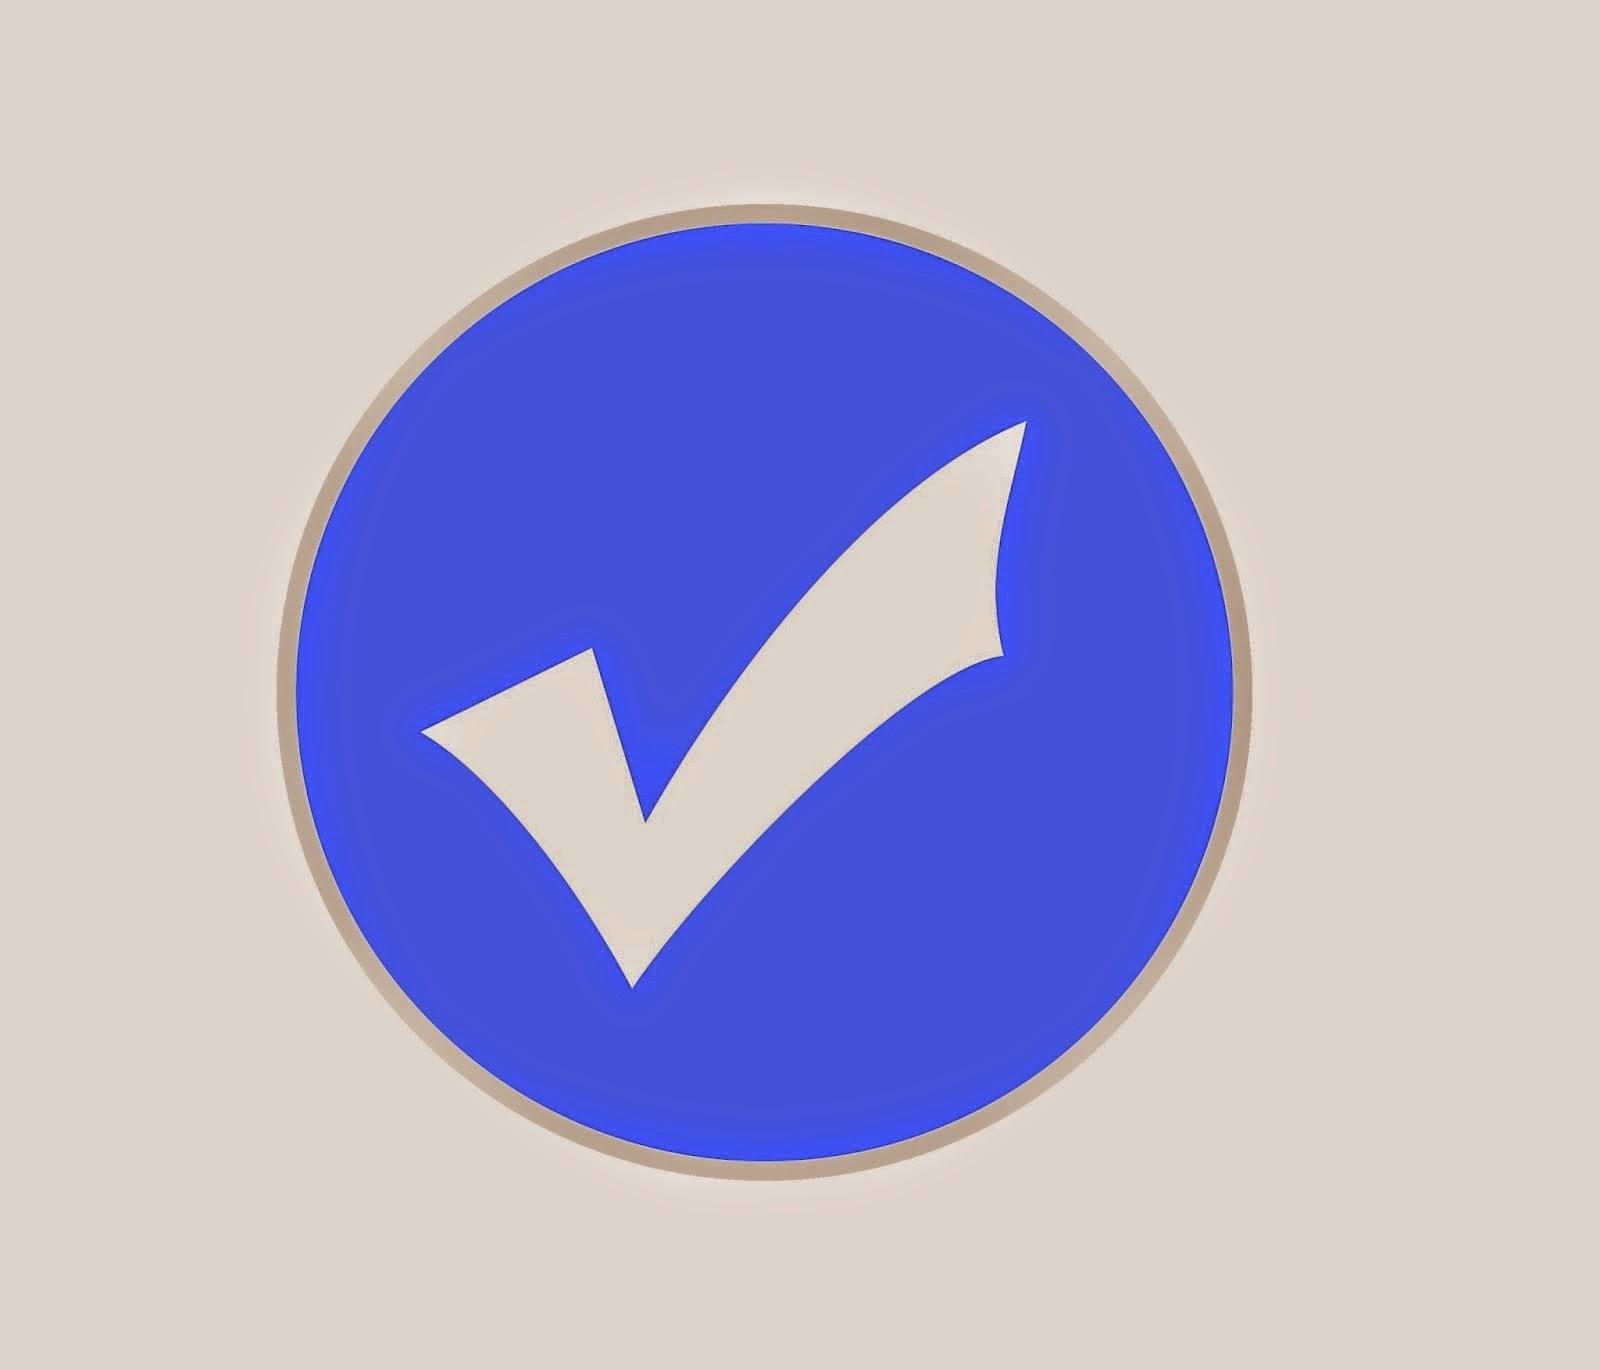 أحصل على الشارة الزرقاء لصفحتك على فيس بوك